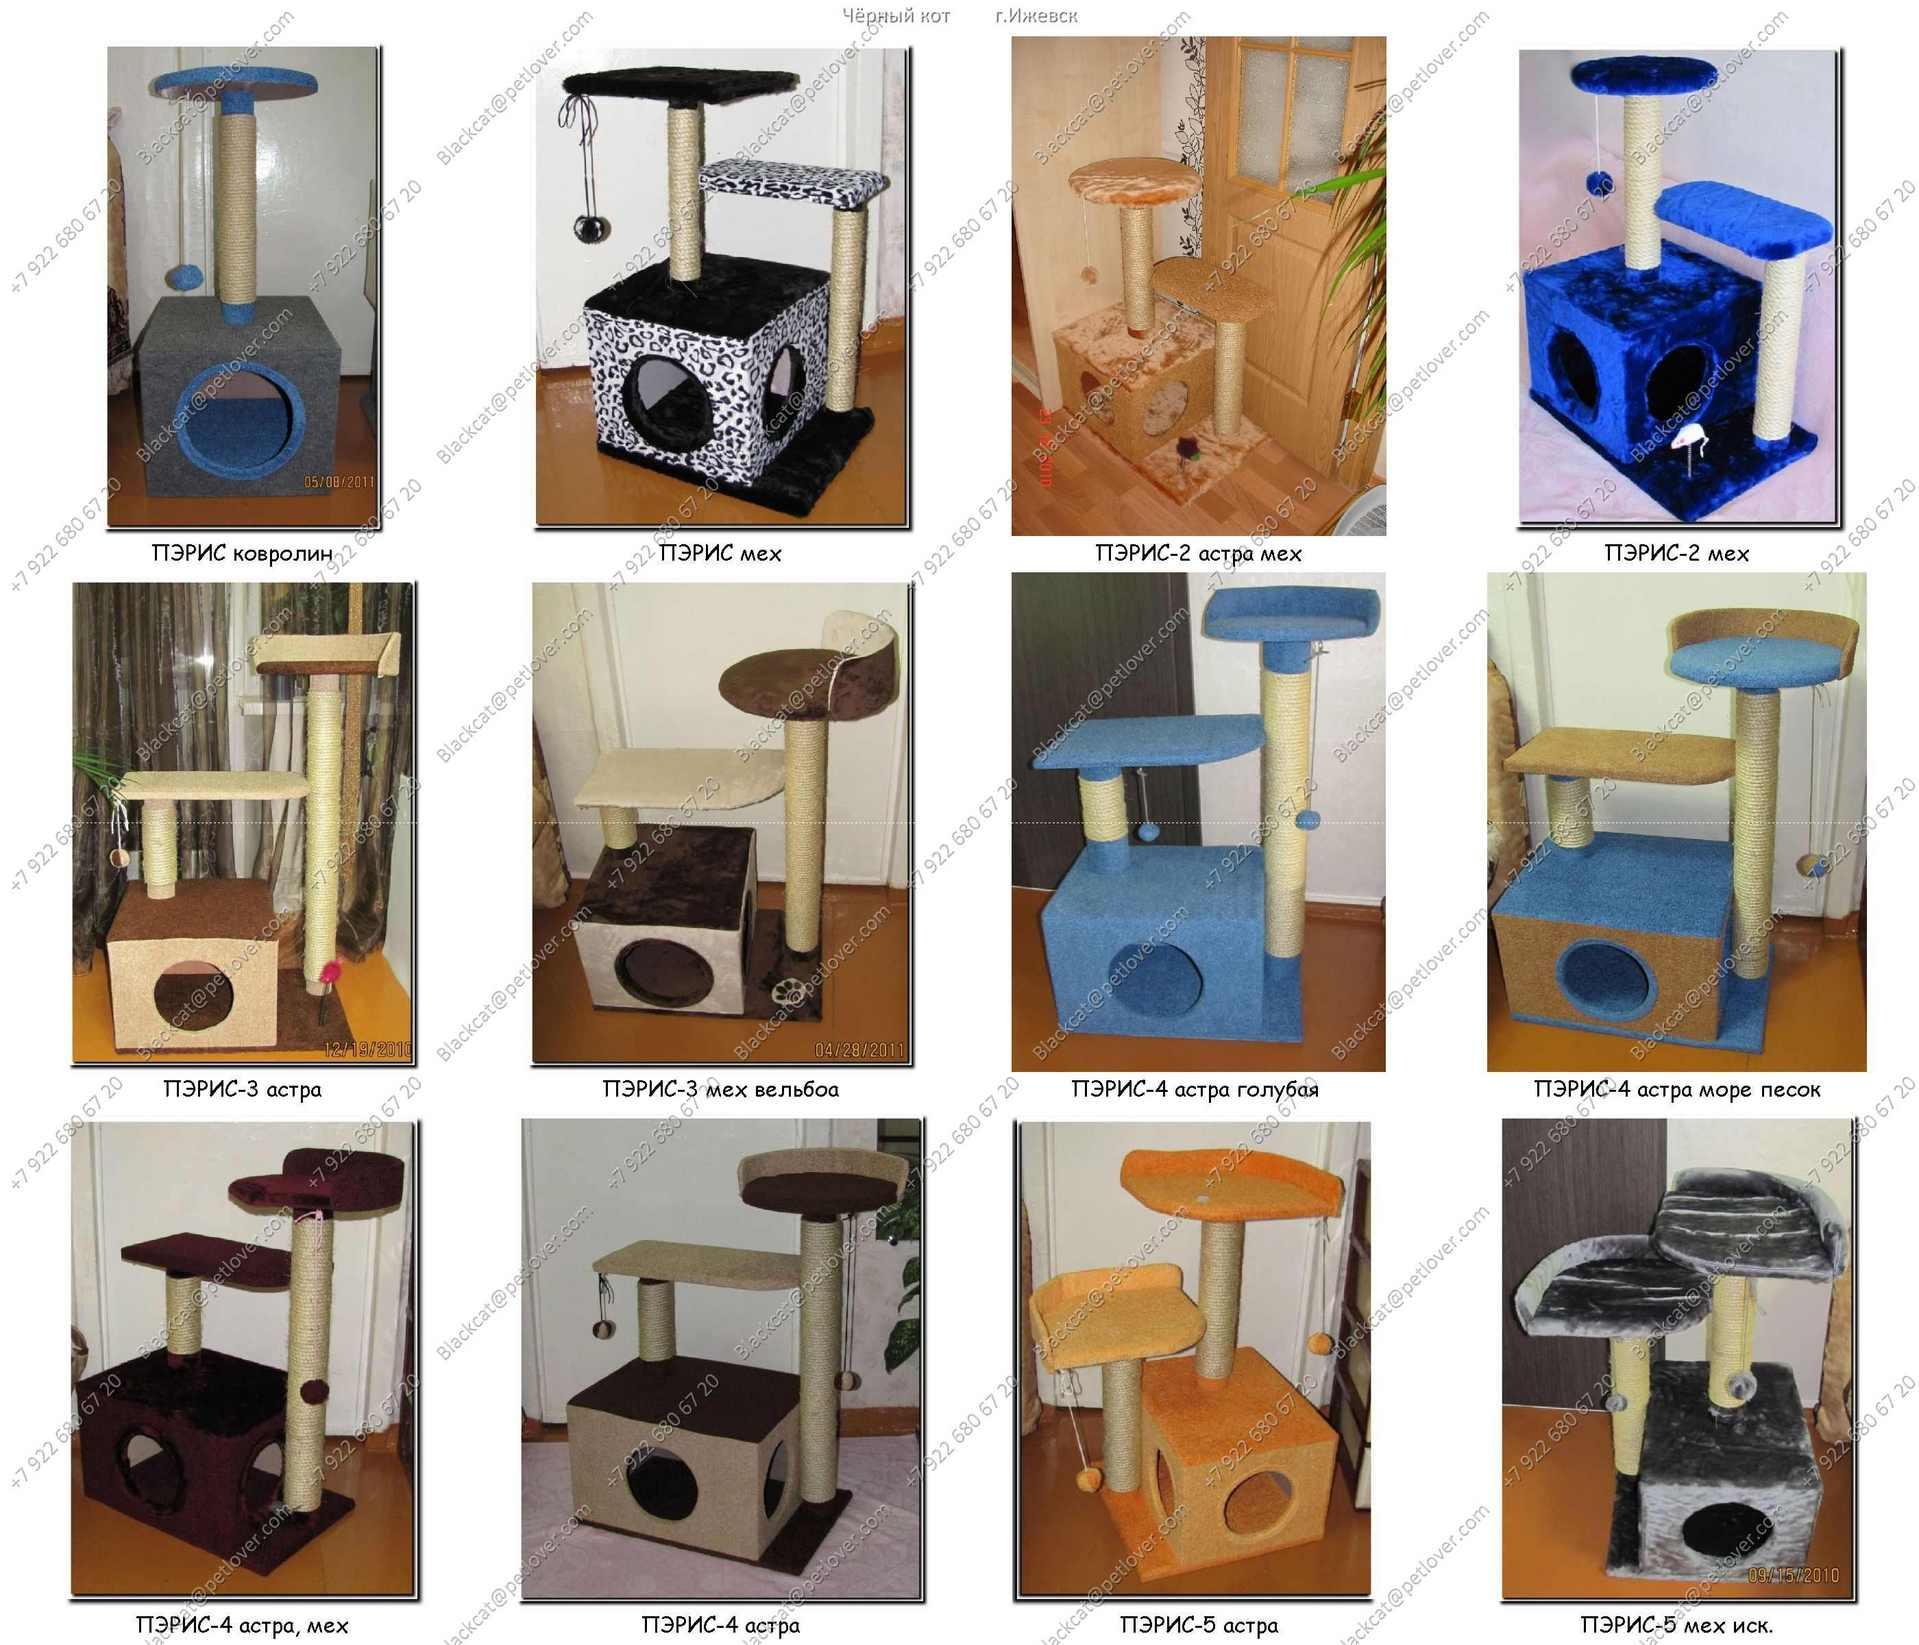 Домик для кошки своими руками: 59 фото и подробного описания 74